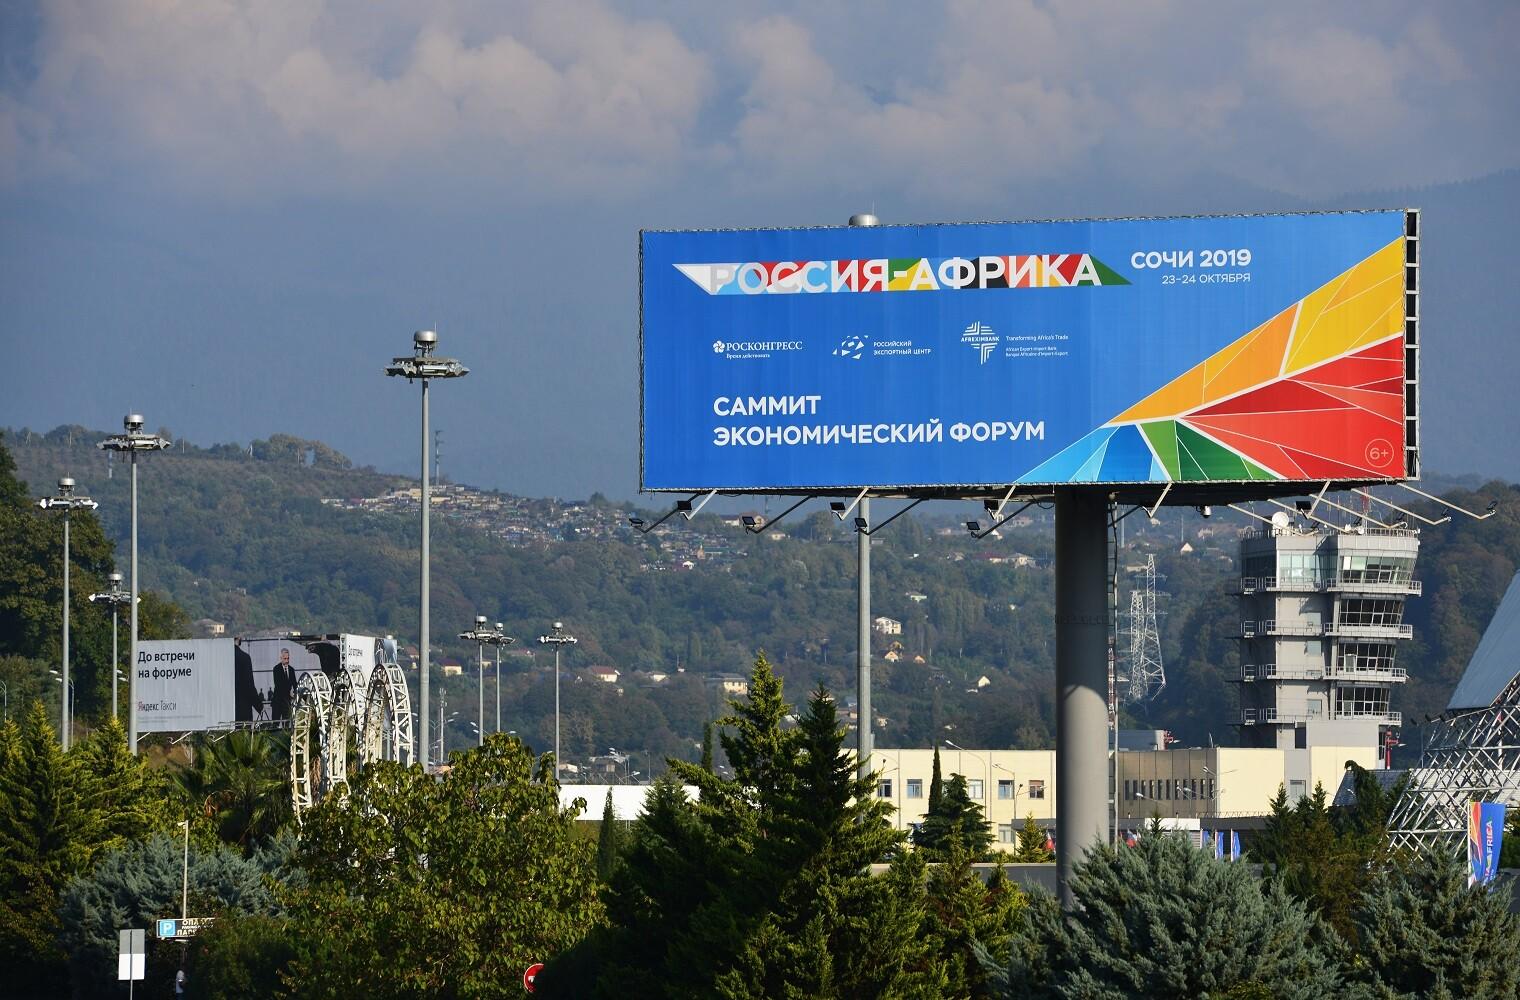 """لوحة إعلانية للقمة والمنتدى الاقتصادي """"روسيا - إفريقيا"""" في مدينة سوتشي الروسية"""